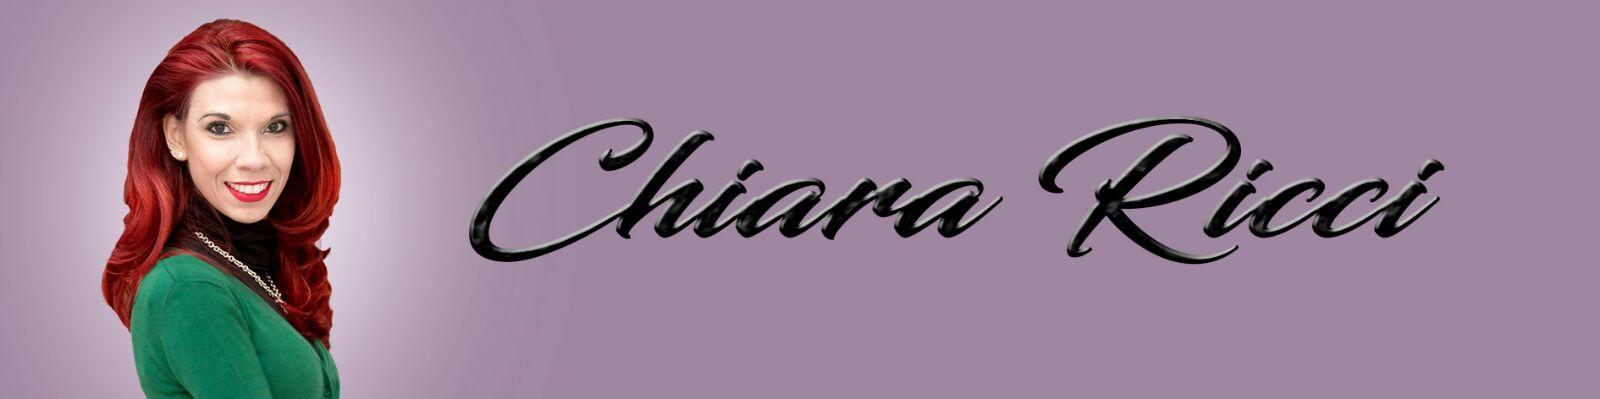 Ricci Chiara